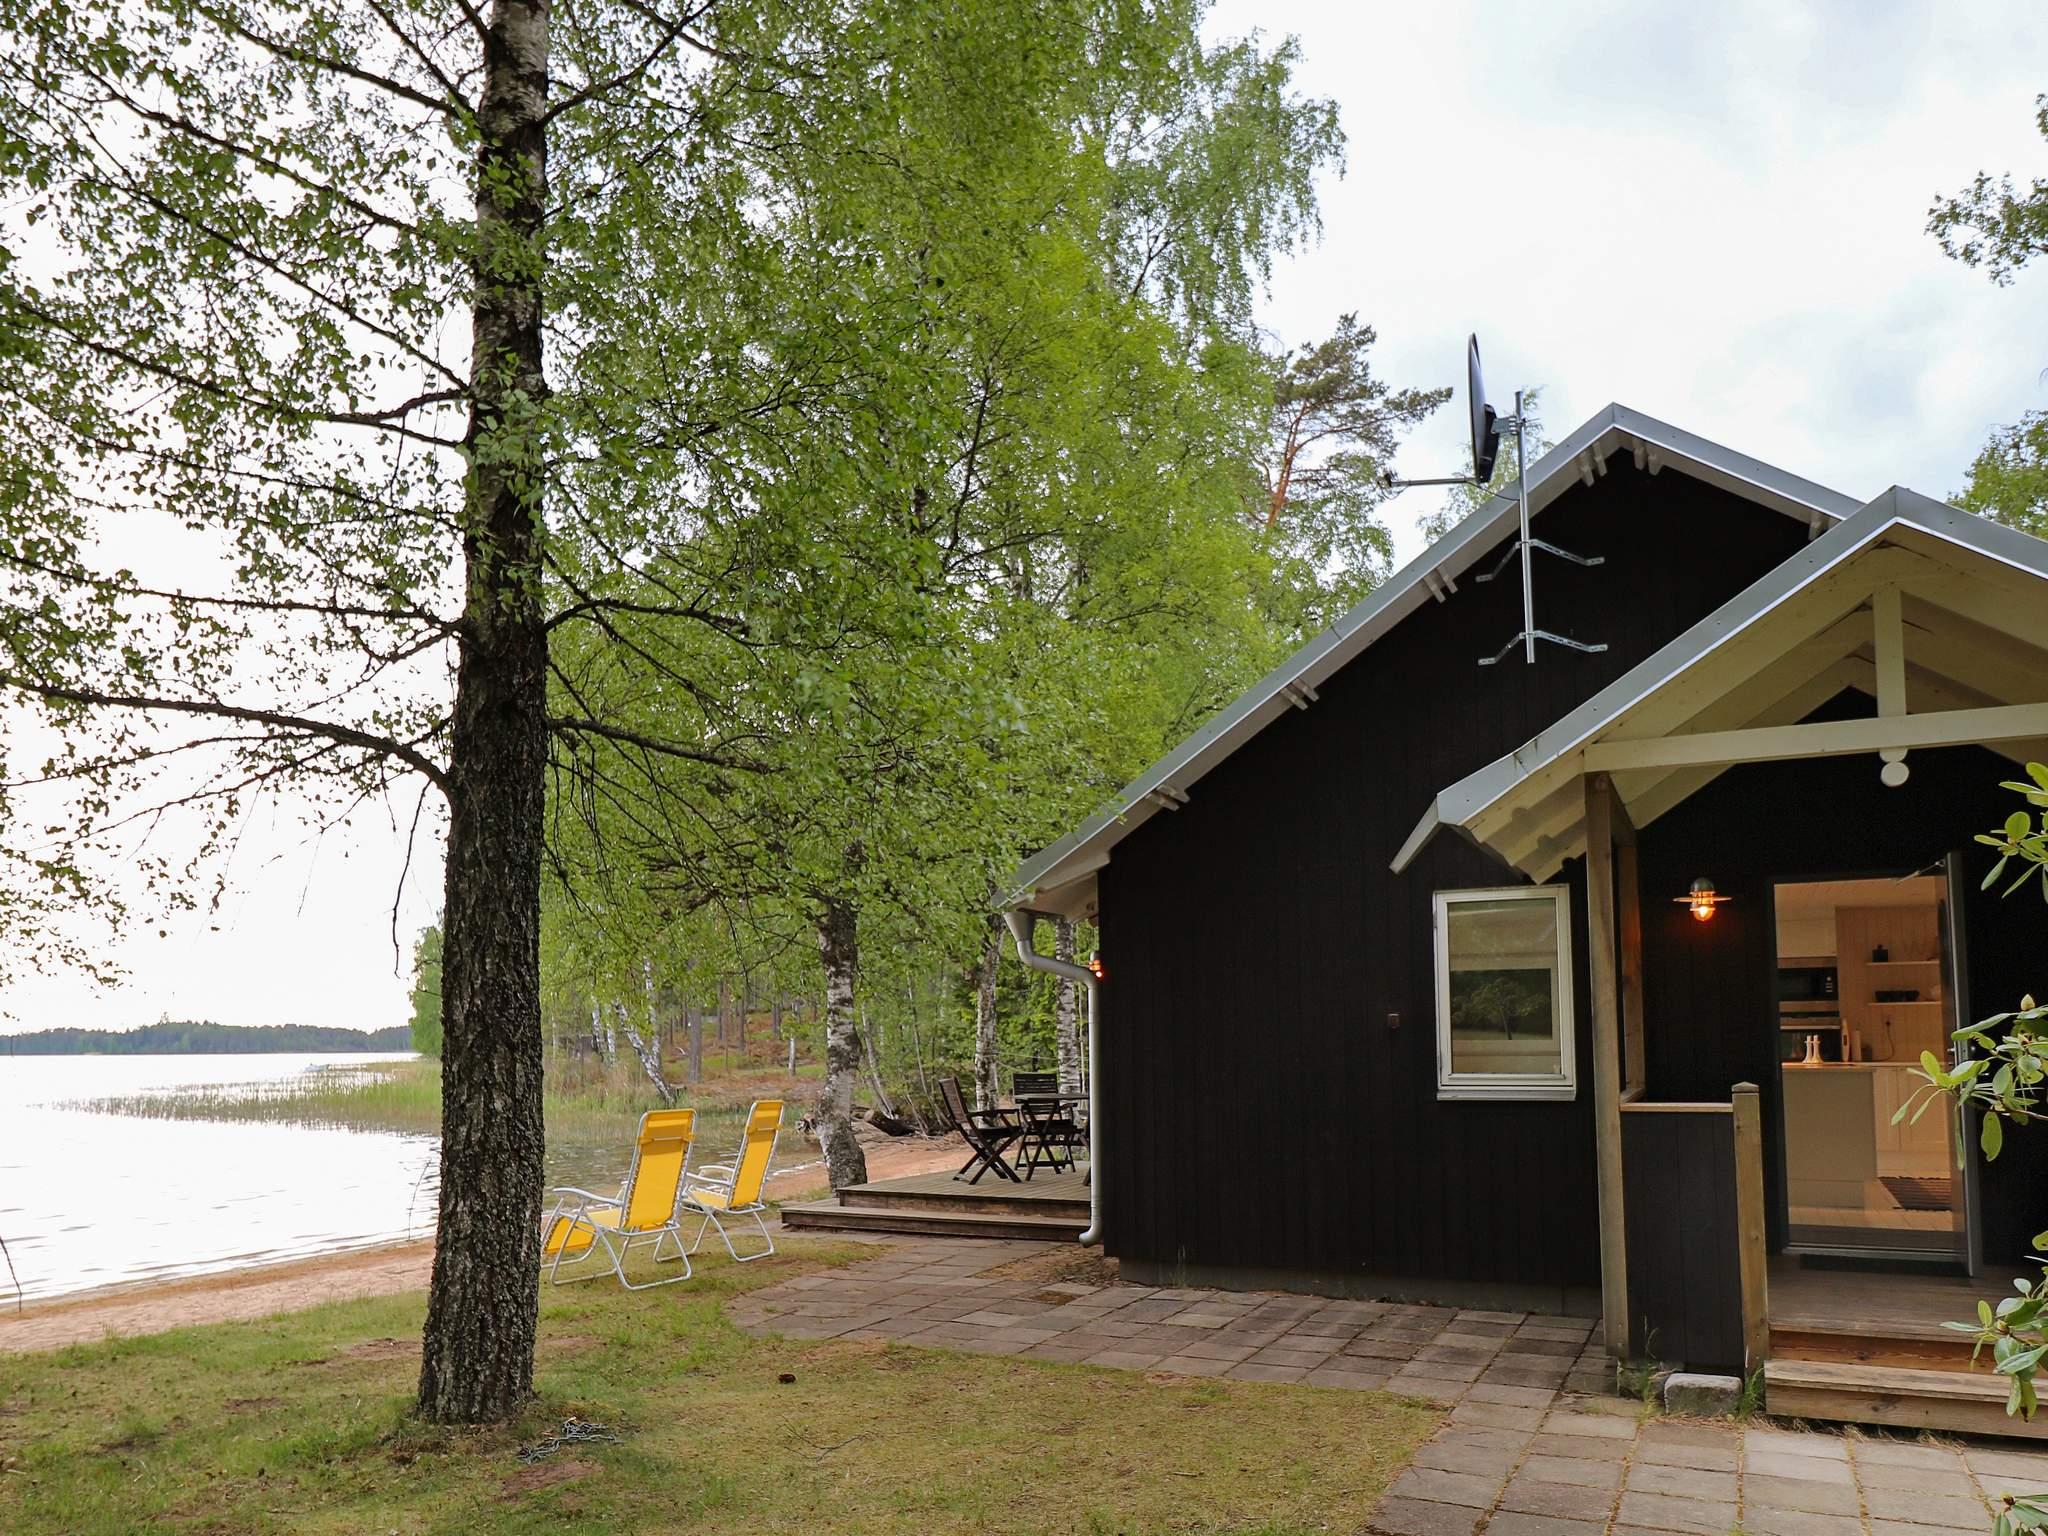 Ferienhaus Åhult (926589), Vaggeryd, Jönköpings län, Südschweden, Schweden, Bild 17